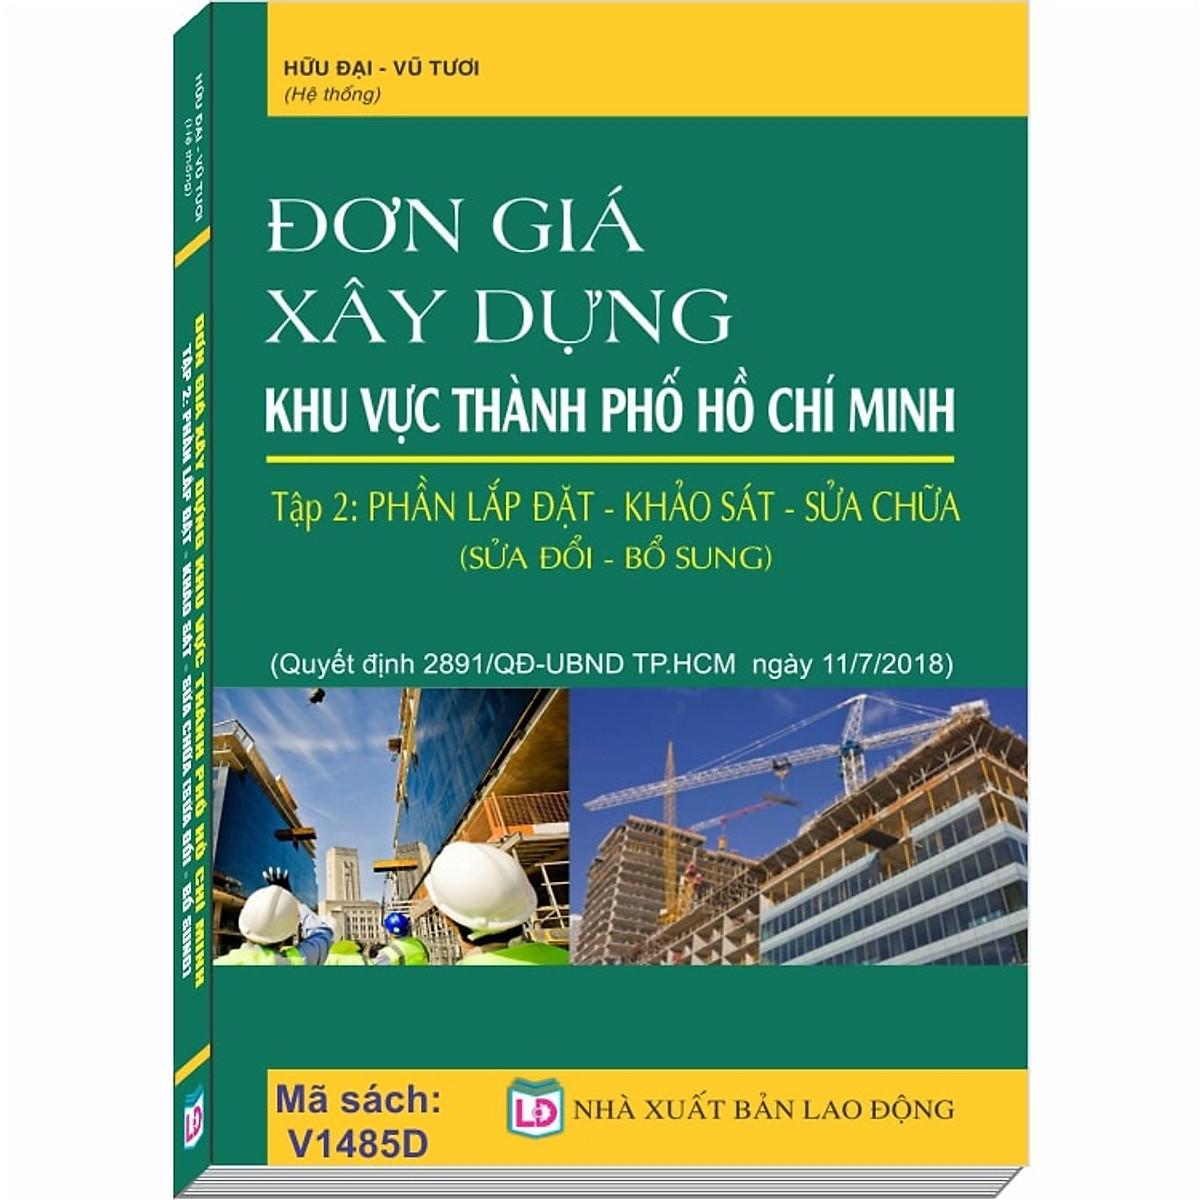 Hình đại diện sản phẩm Đơn Giá Xây Dựng khu vực Thành Phố Hồ Chí Minh, Tập 2: Phần Lắp Đặt - Khảo Sát - Sửa Chữa (Quyết định số 2891/QĐ-UBND ngày 11/07/2018 của UBND TP. Hồ Chí Minh)